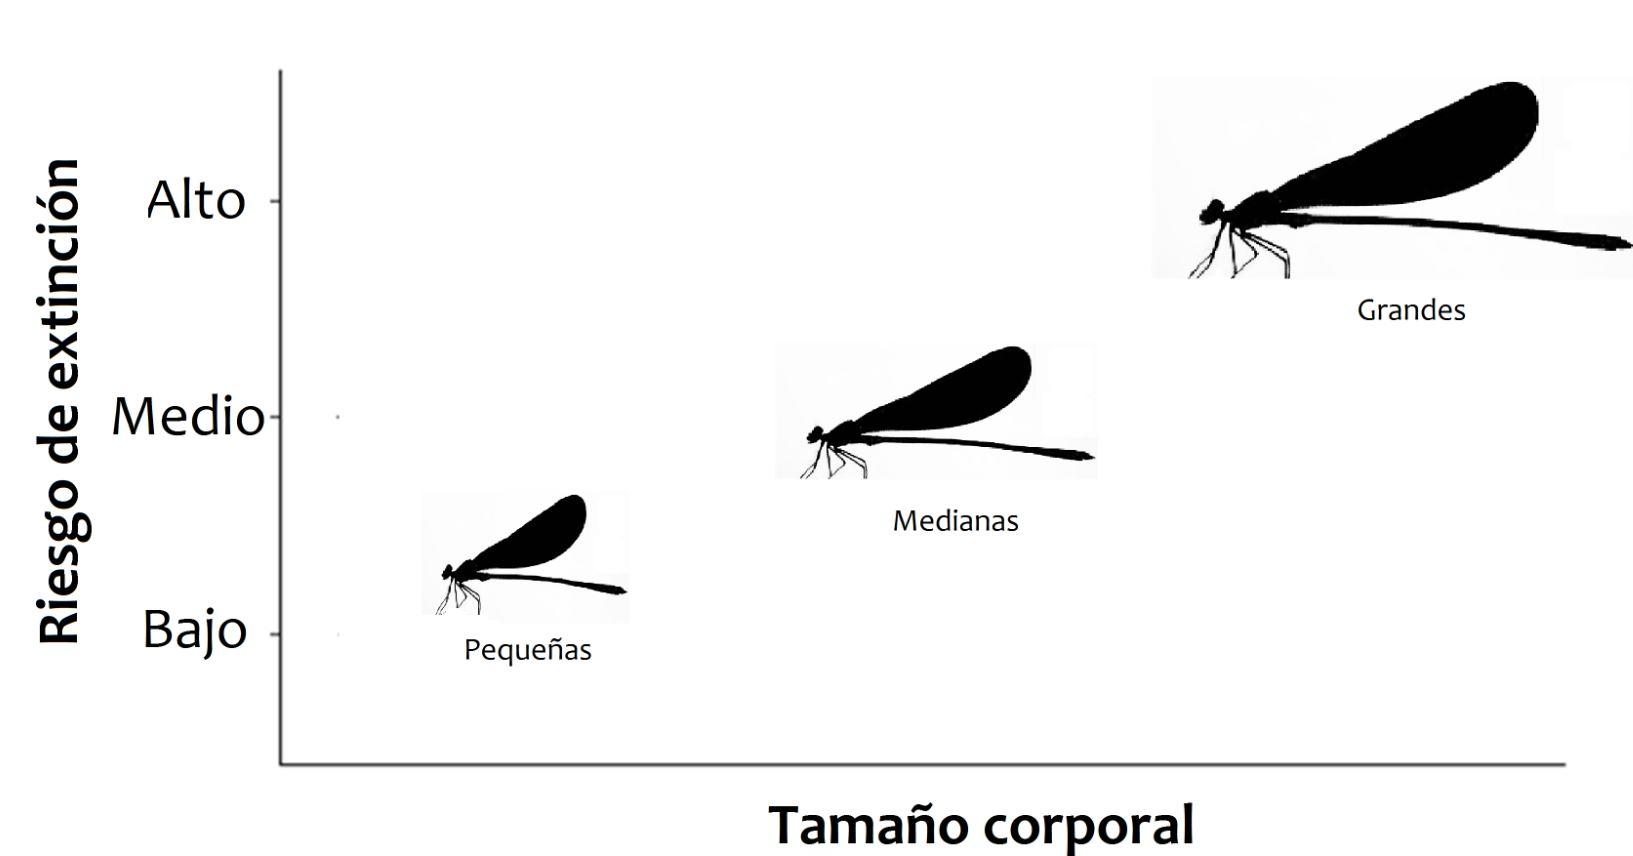 Figura 2. Relación entre riesgo de extinción y tamaño corporal encontrada en especies de caballitos del diablo.